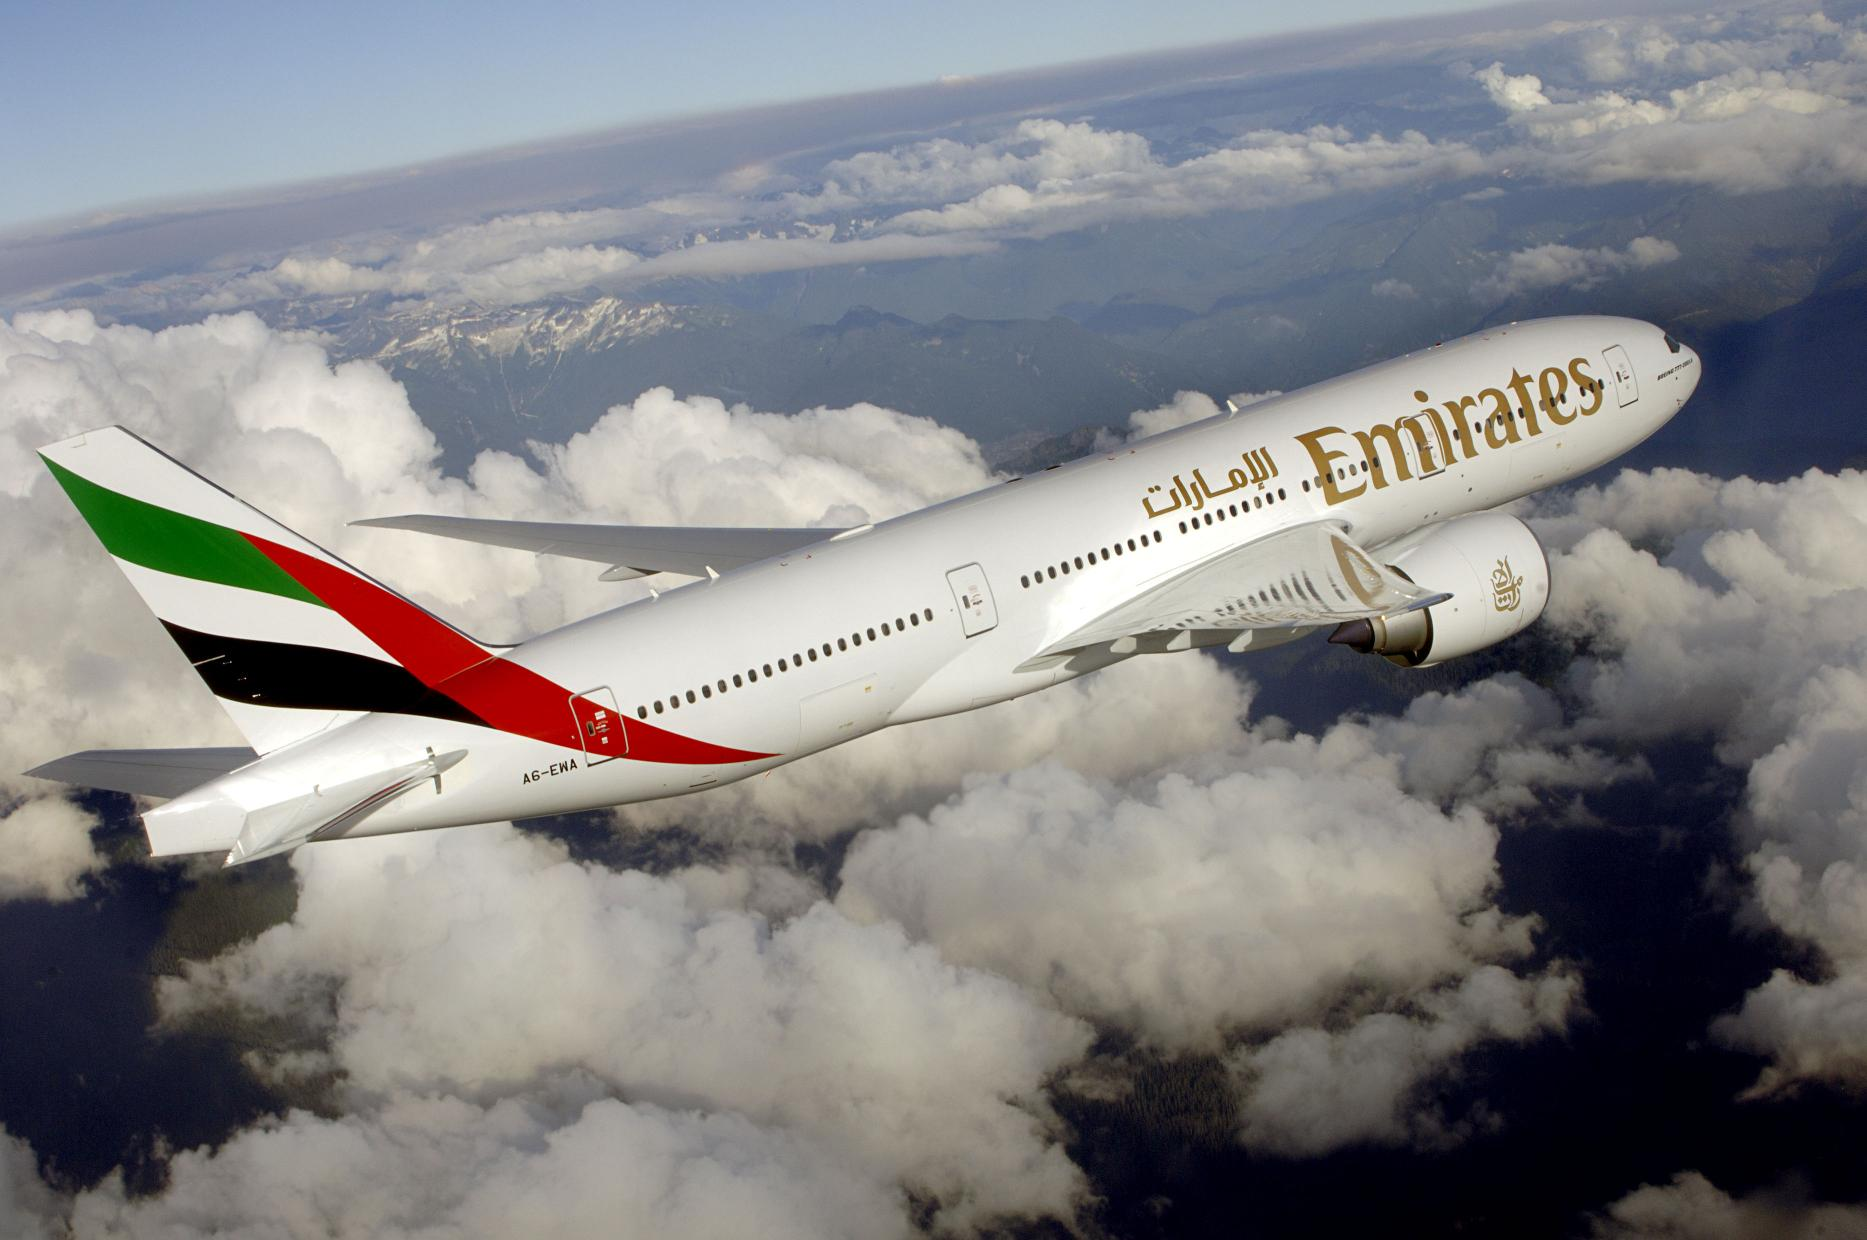 طيران الإمارات تنضم للاتحاد والقطرية في حل لحظر الأجهزة الإلكترونية